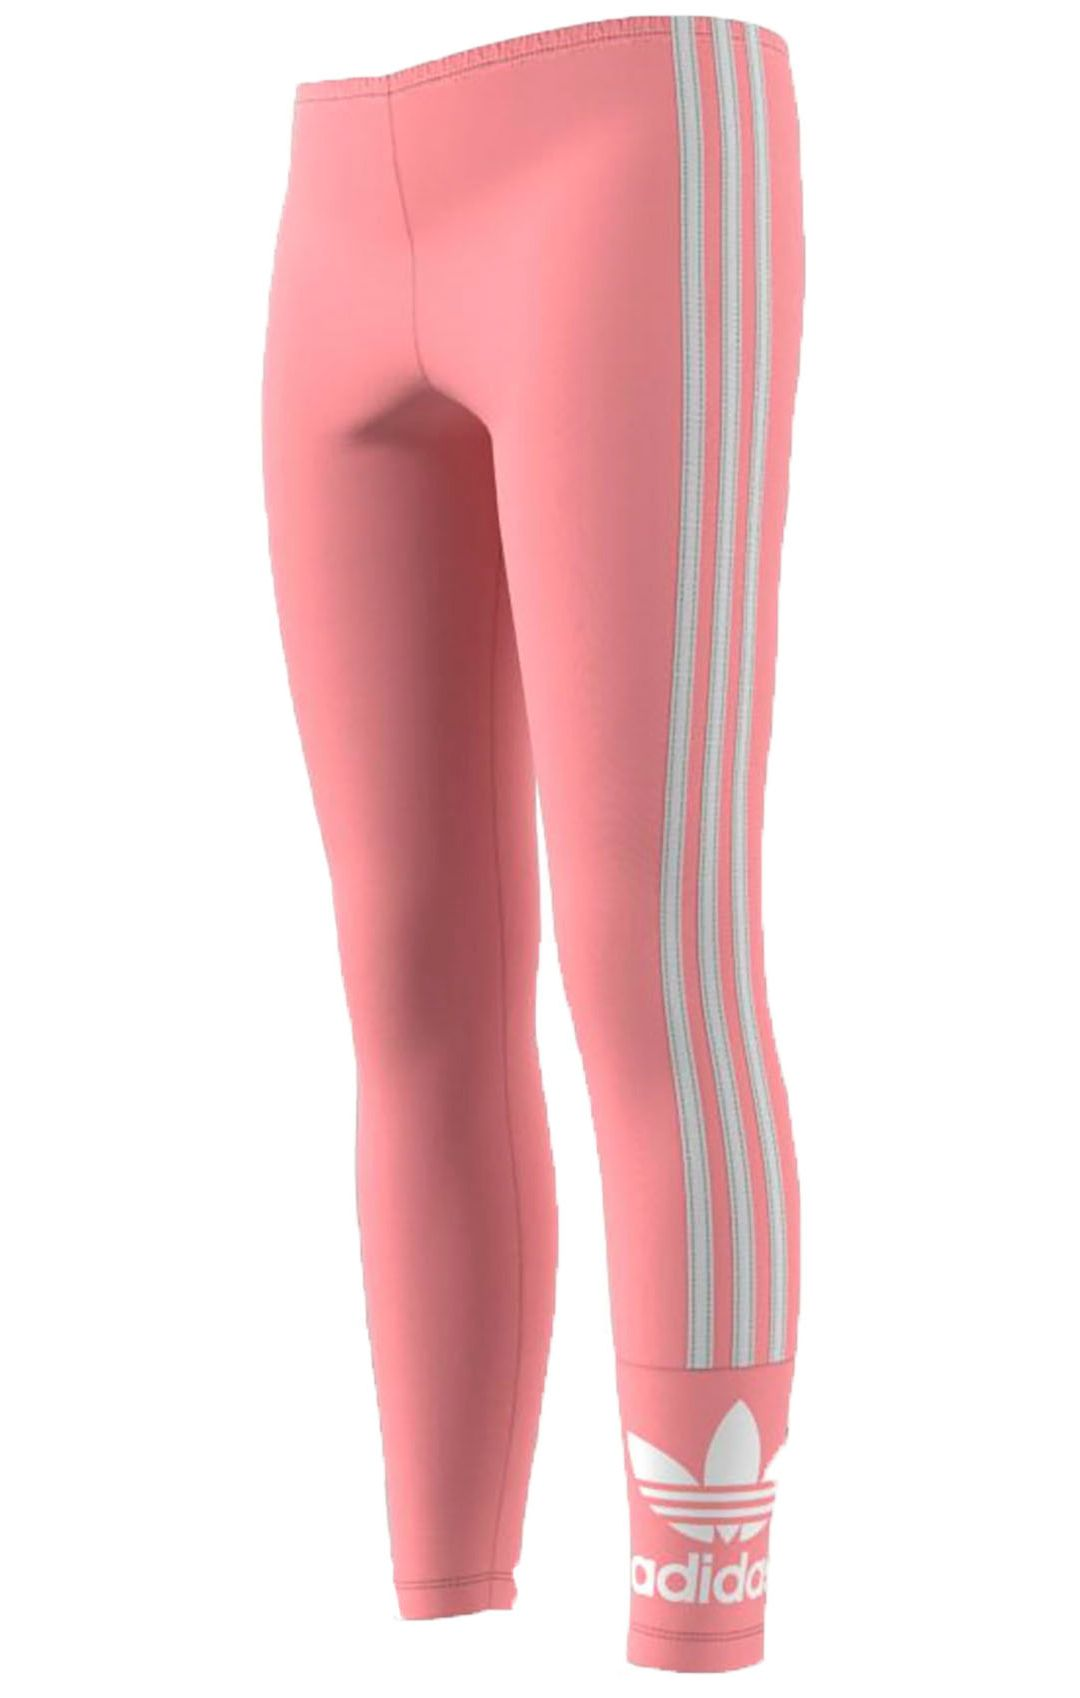 adidas leggings 2 stripes